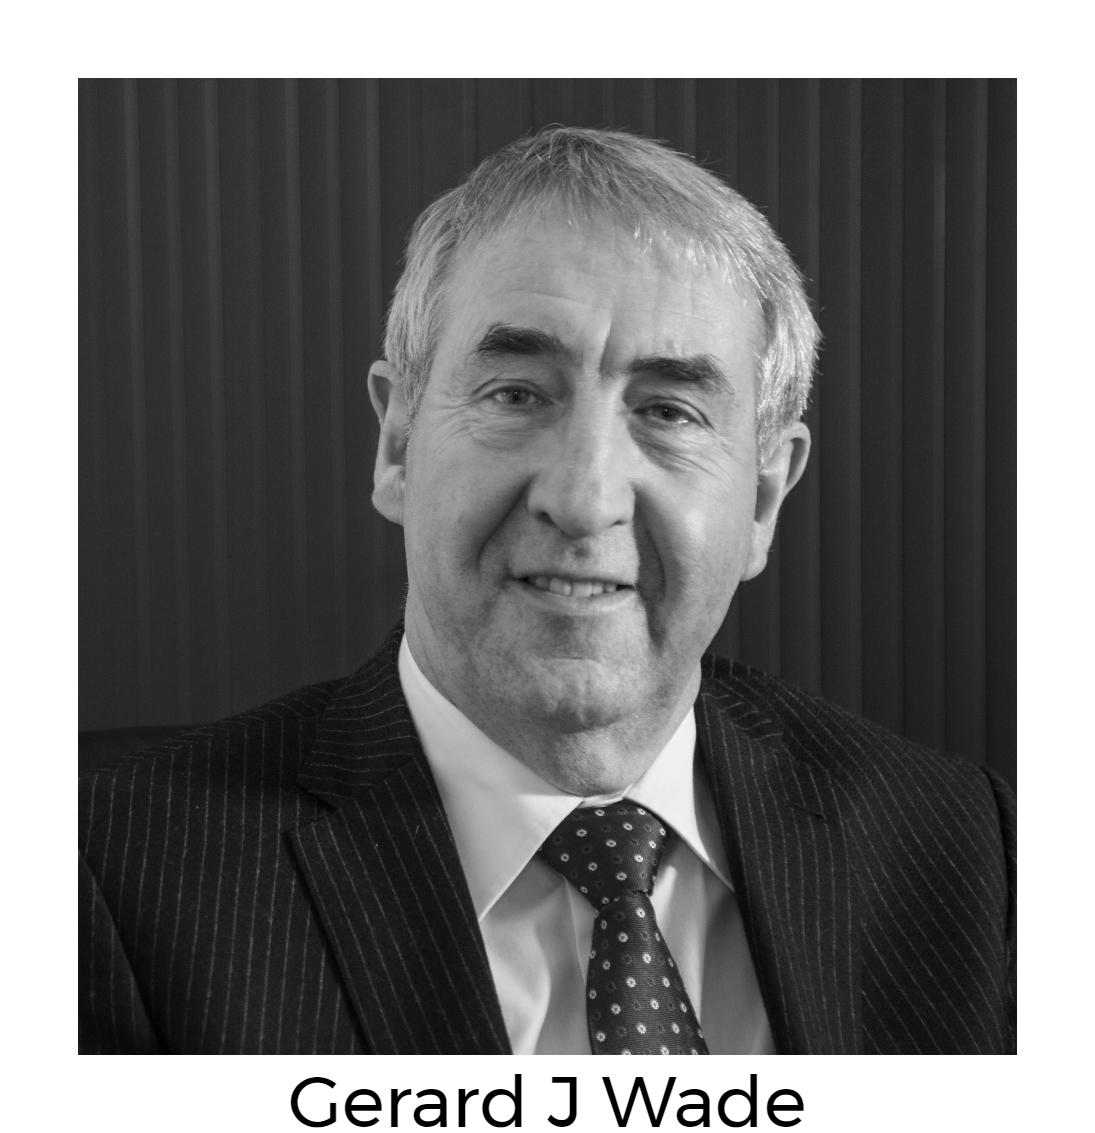 Geard J Wade